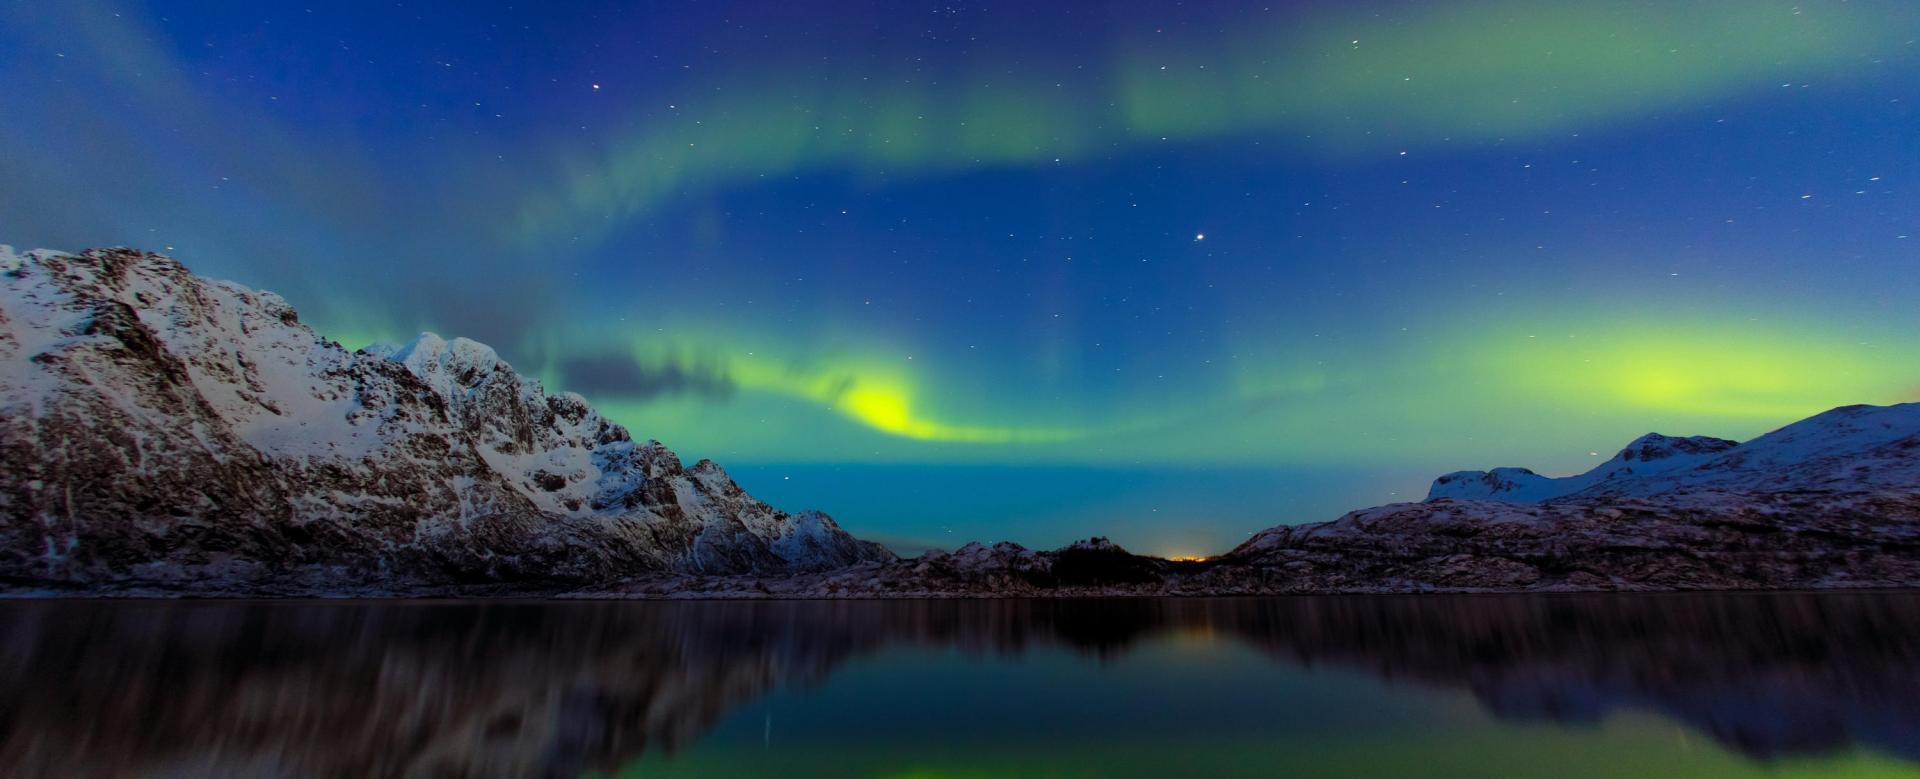 Voyage à la neige Norvège : Raquettes et aurores boréales en lofoten